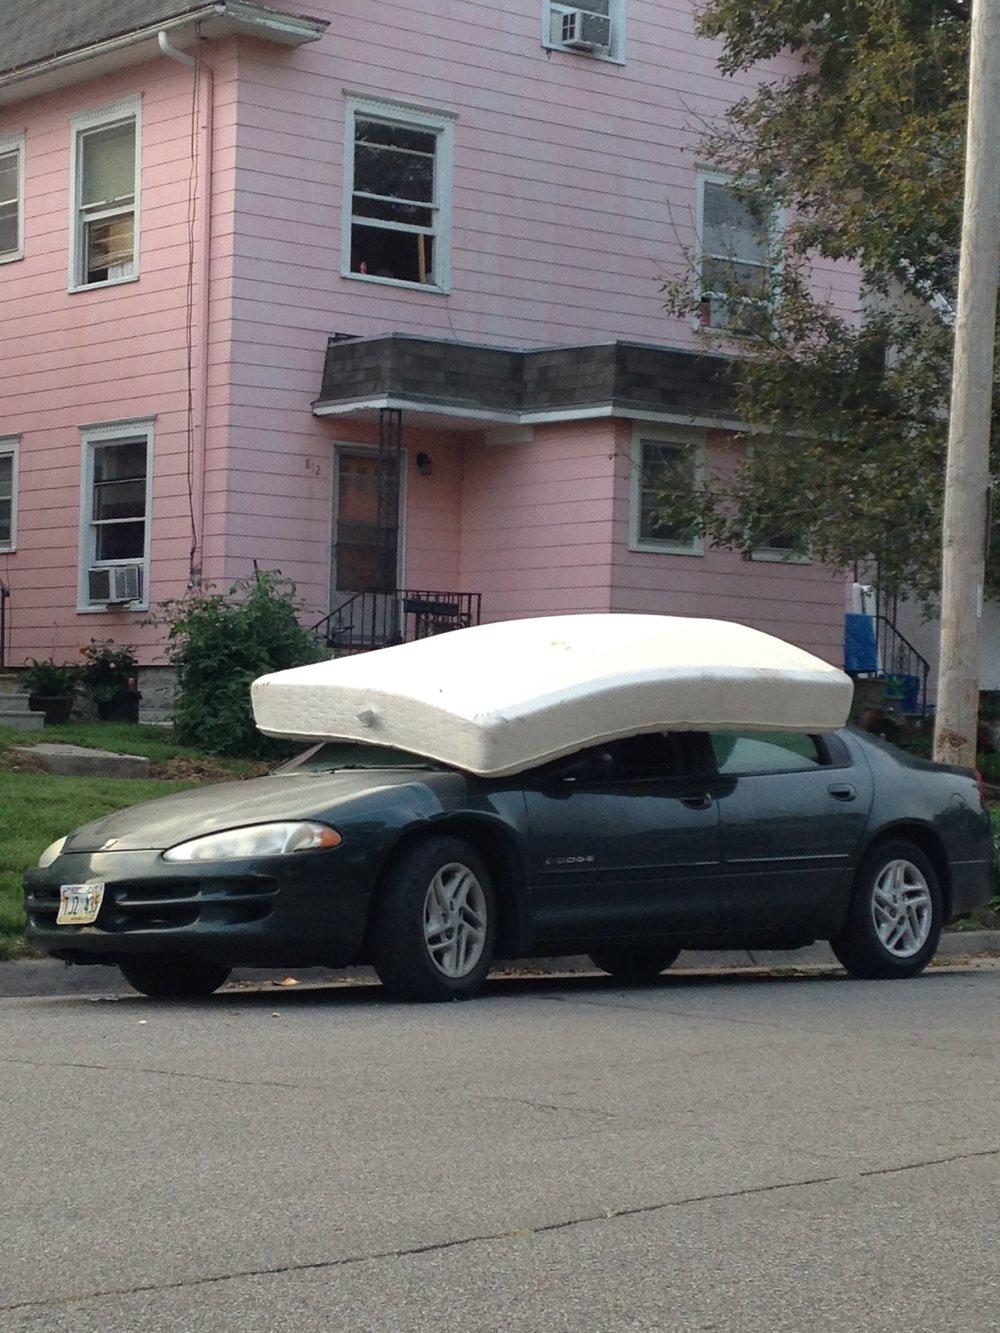 mattress on a chevy